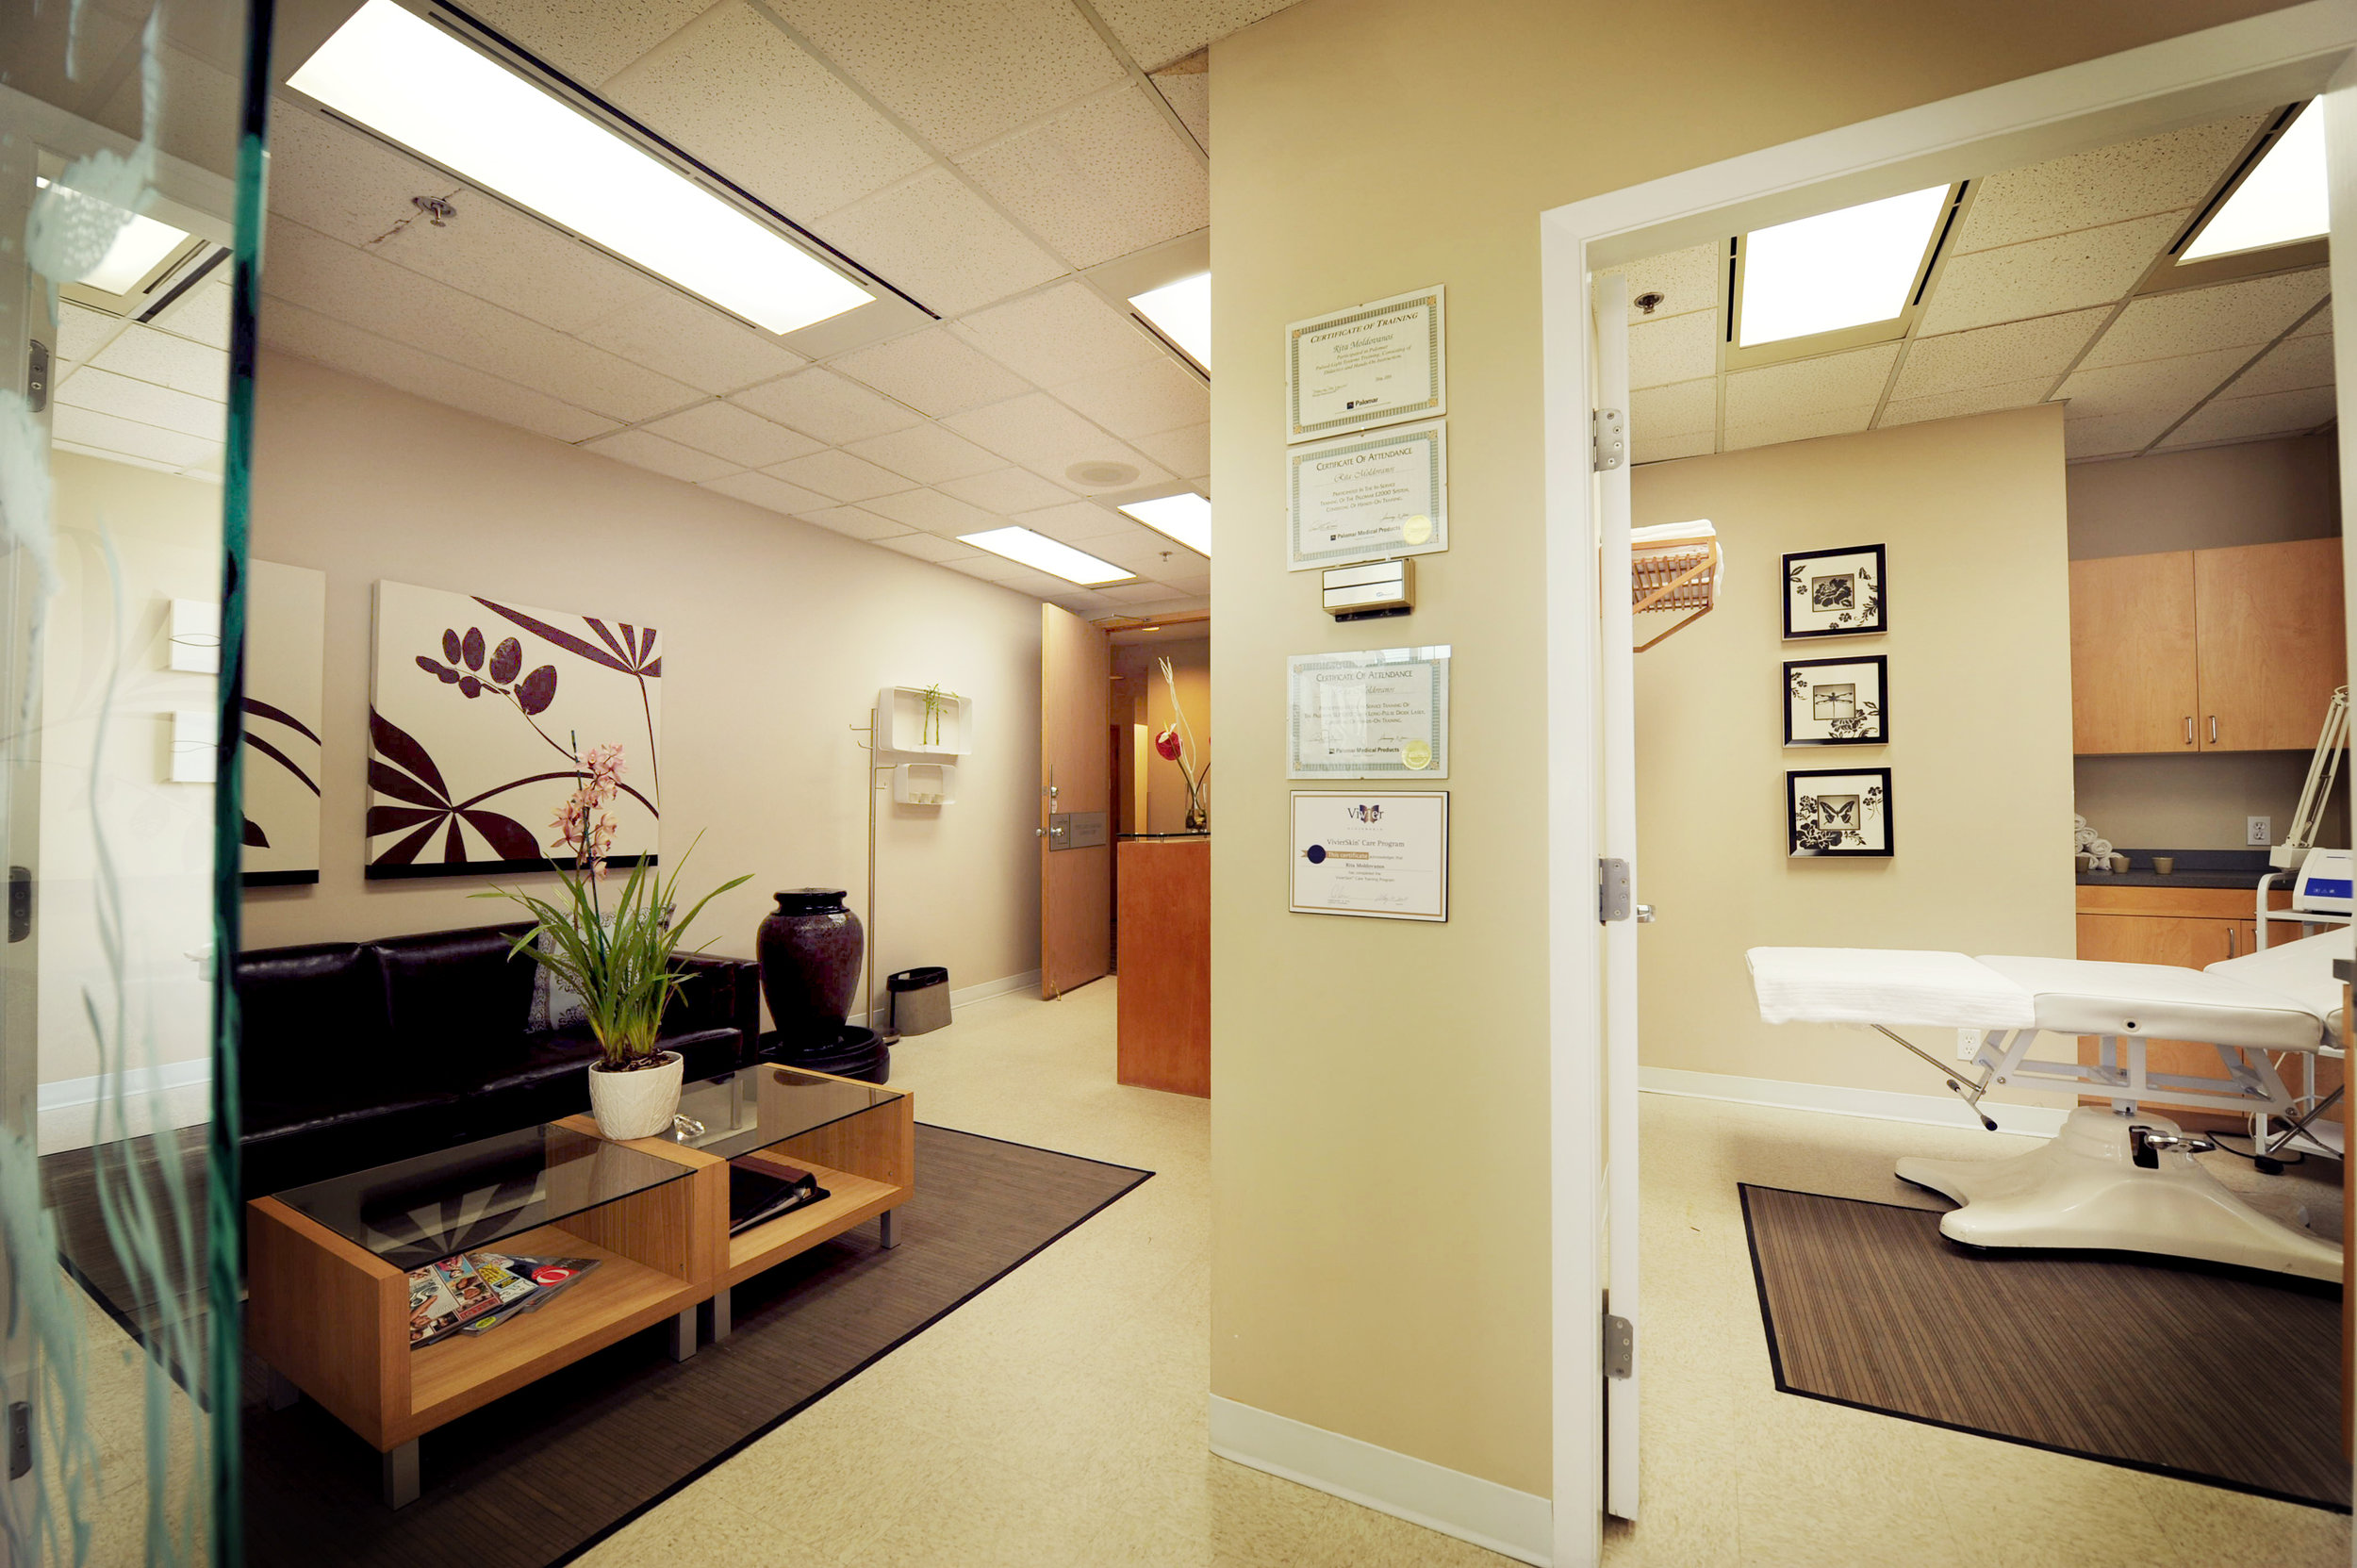 Outpatient Pcmh